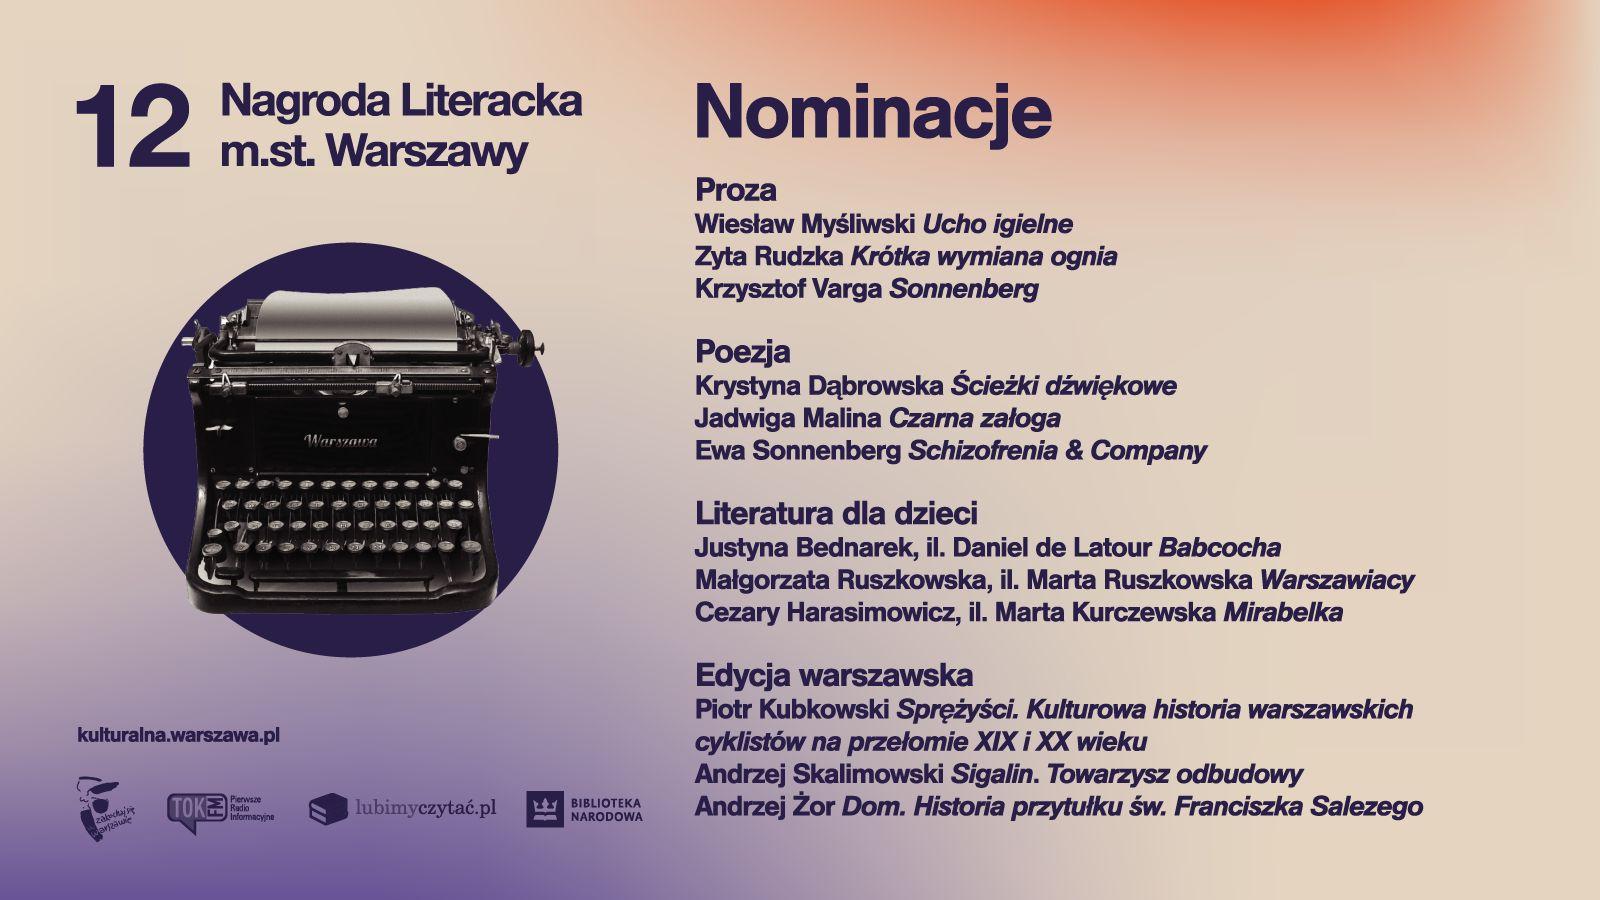 Zdjęcie przedstawia maszynę do pisania oraz tytuły książek nominowane do nagrody literackiej